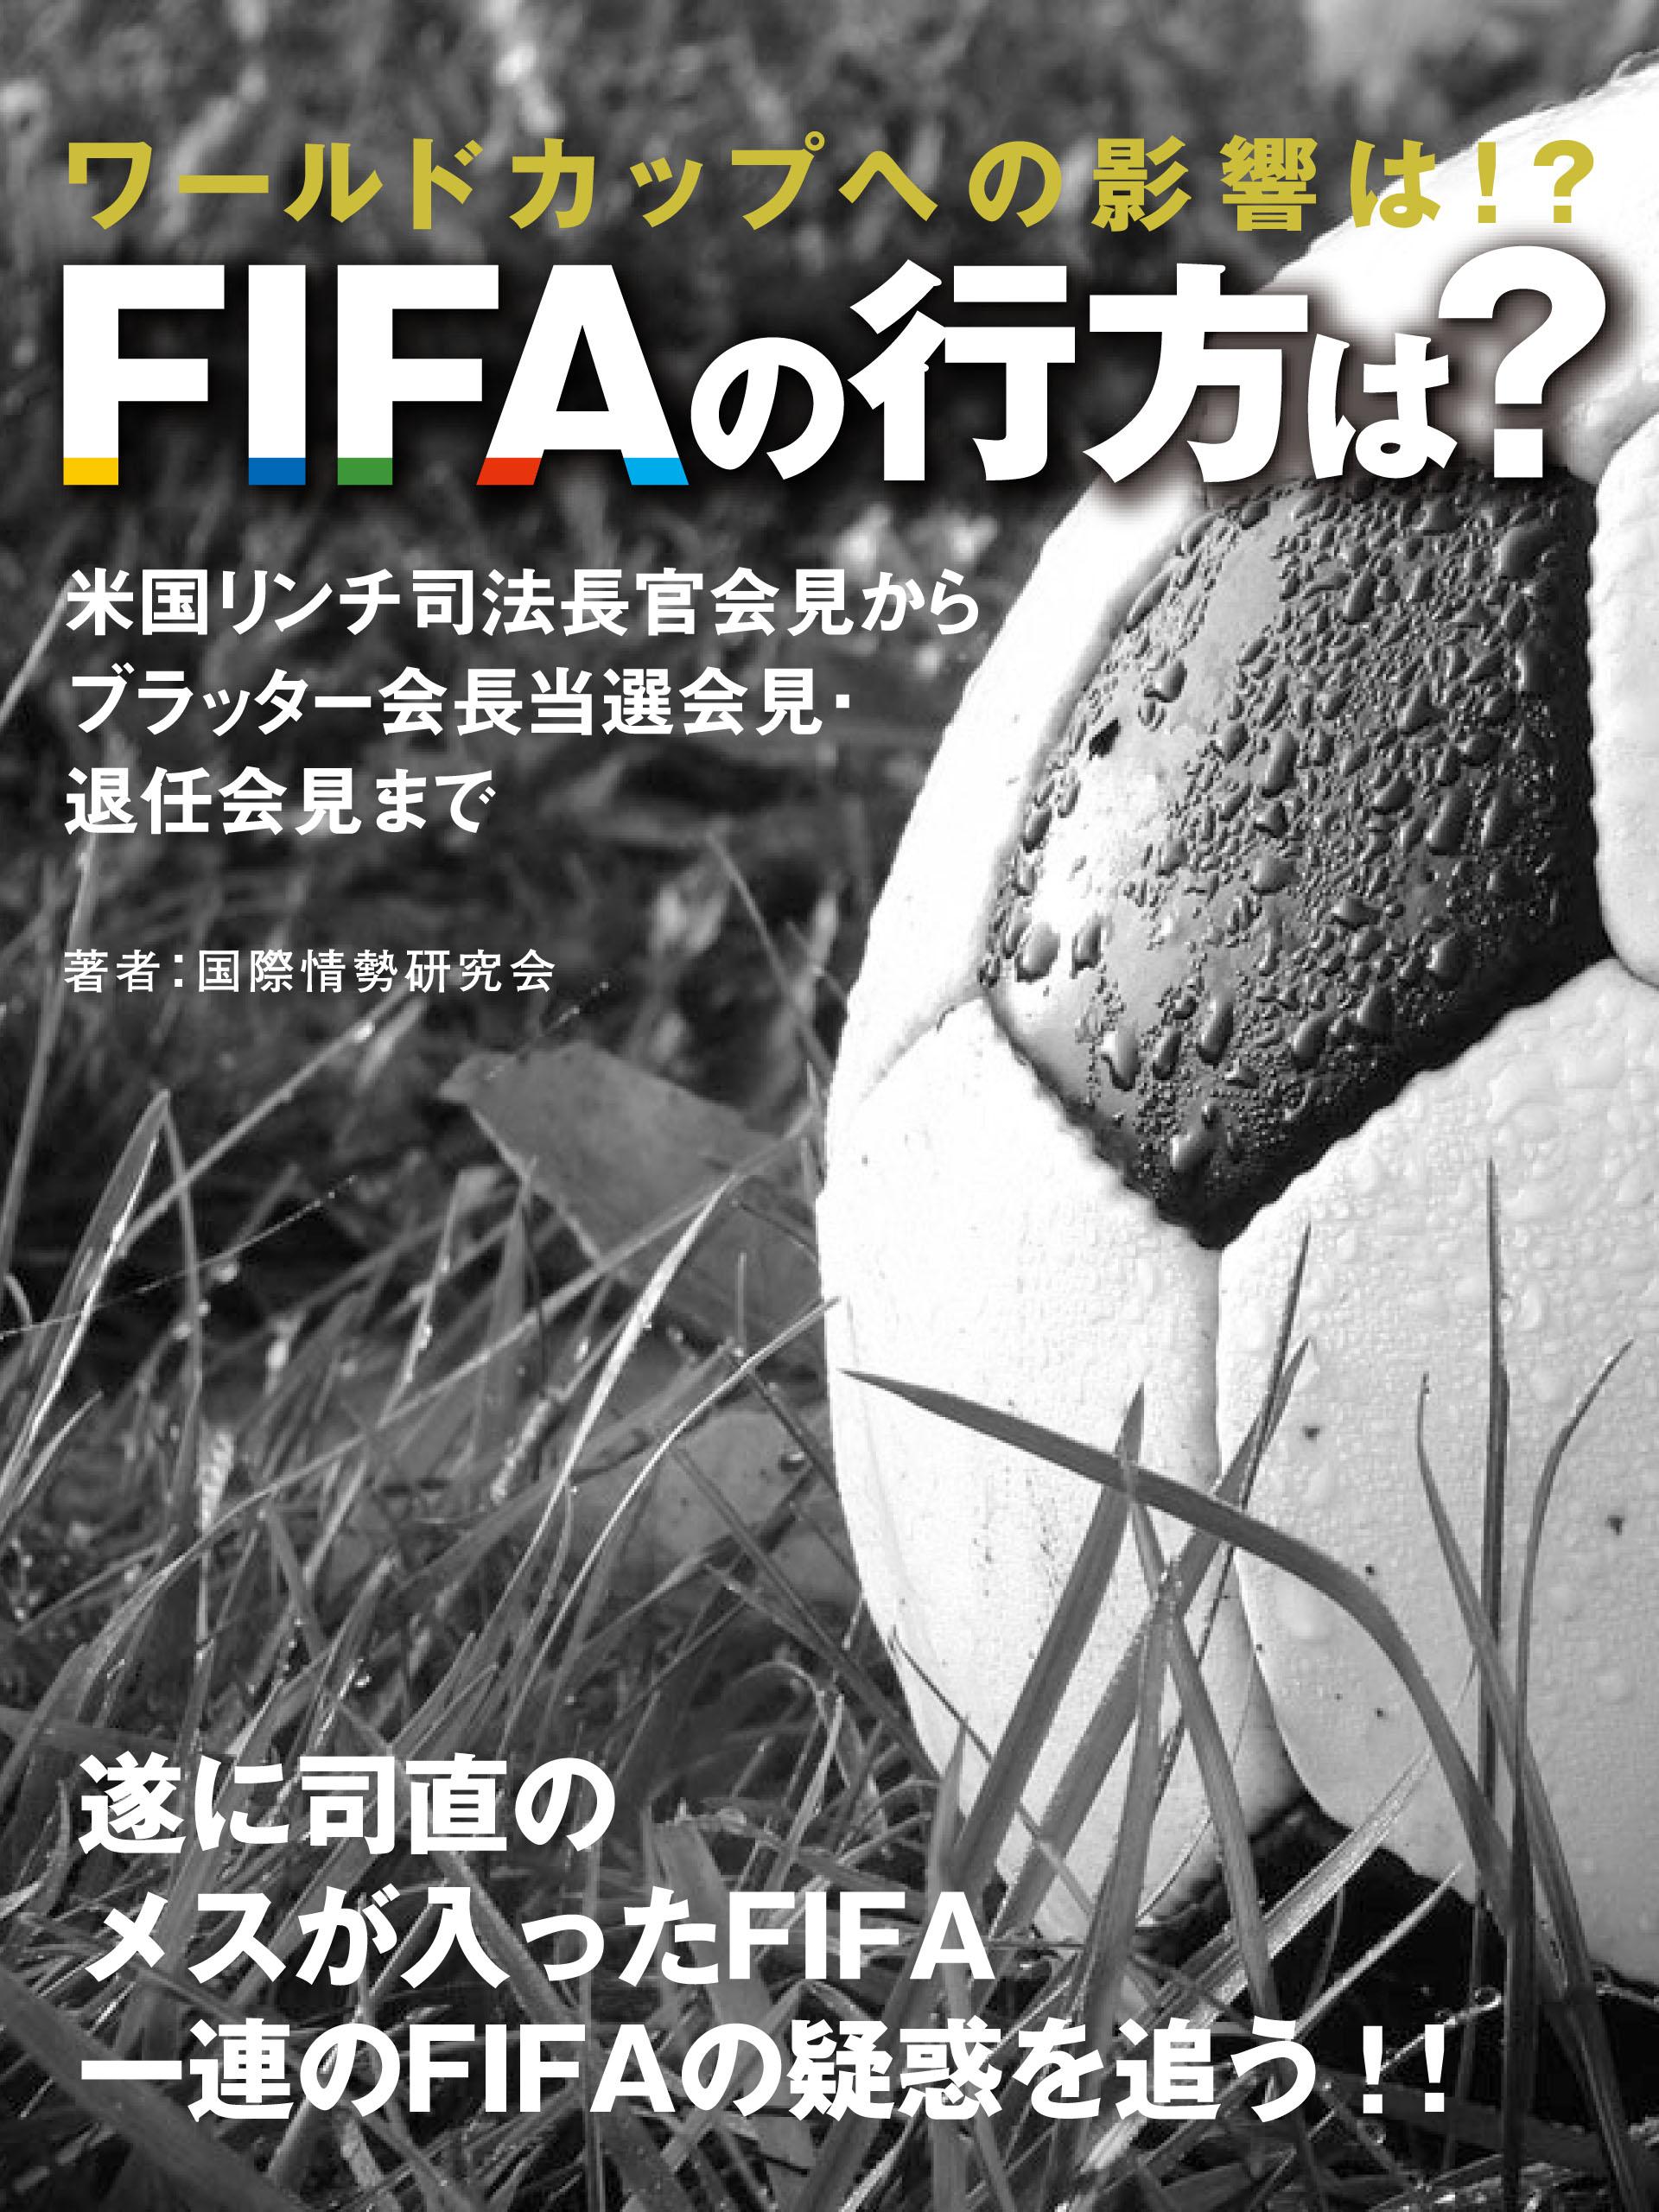 ワールドカップへの影響は!? FIFAの行方は? 米国リンチ司法長官会見からブラッター会長当選会見・退任会見まで